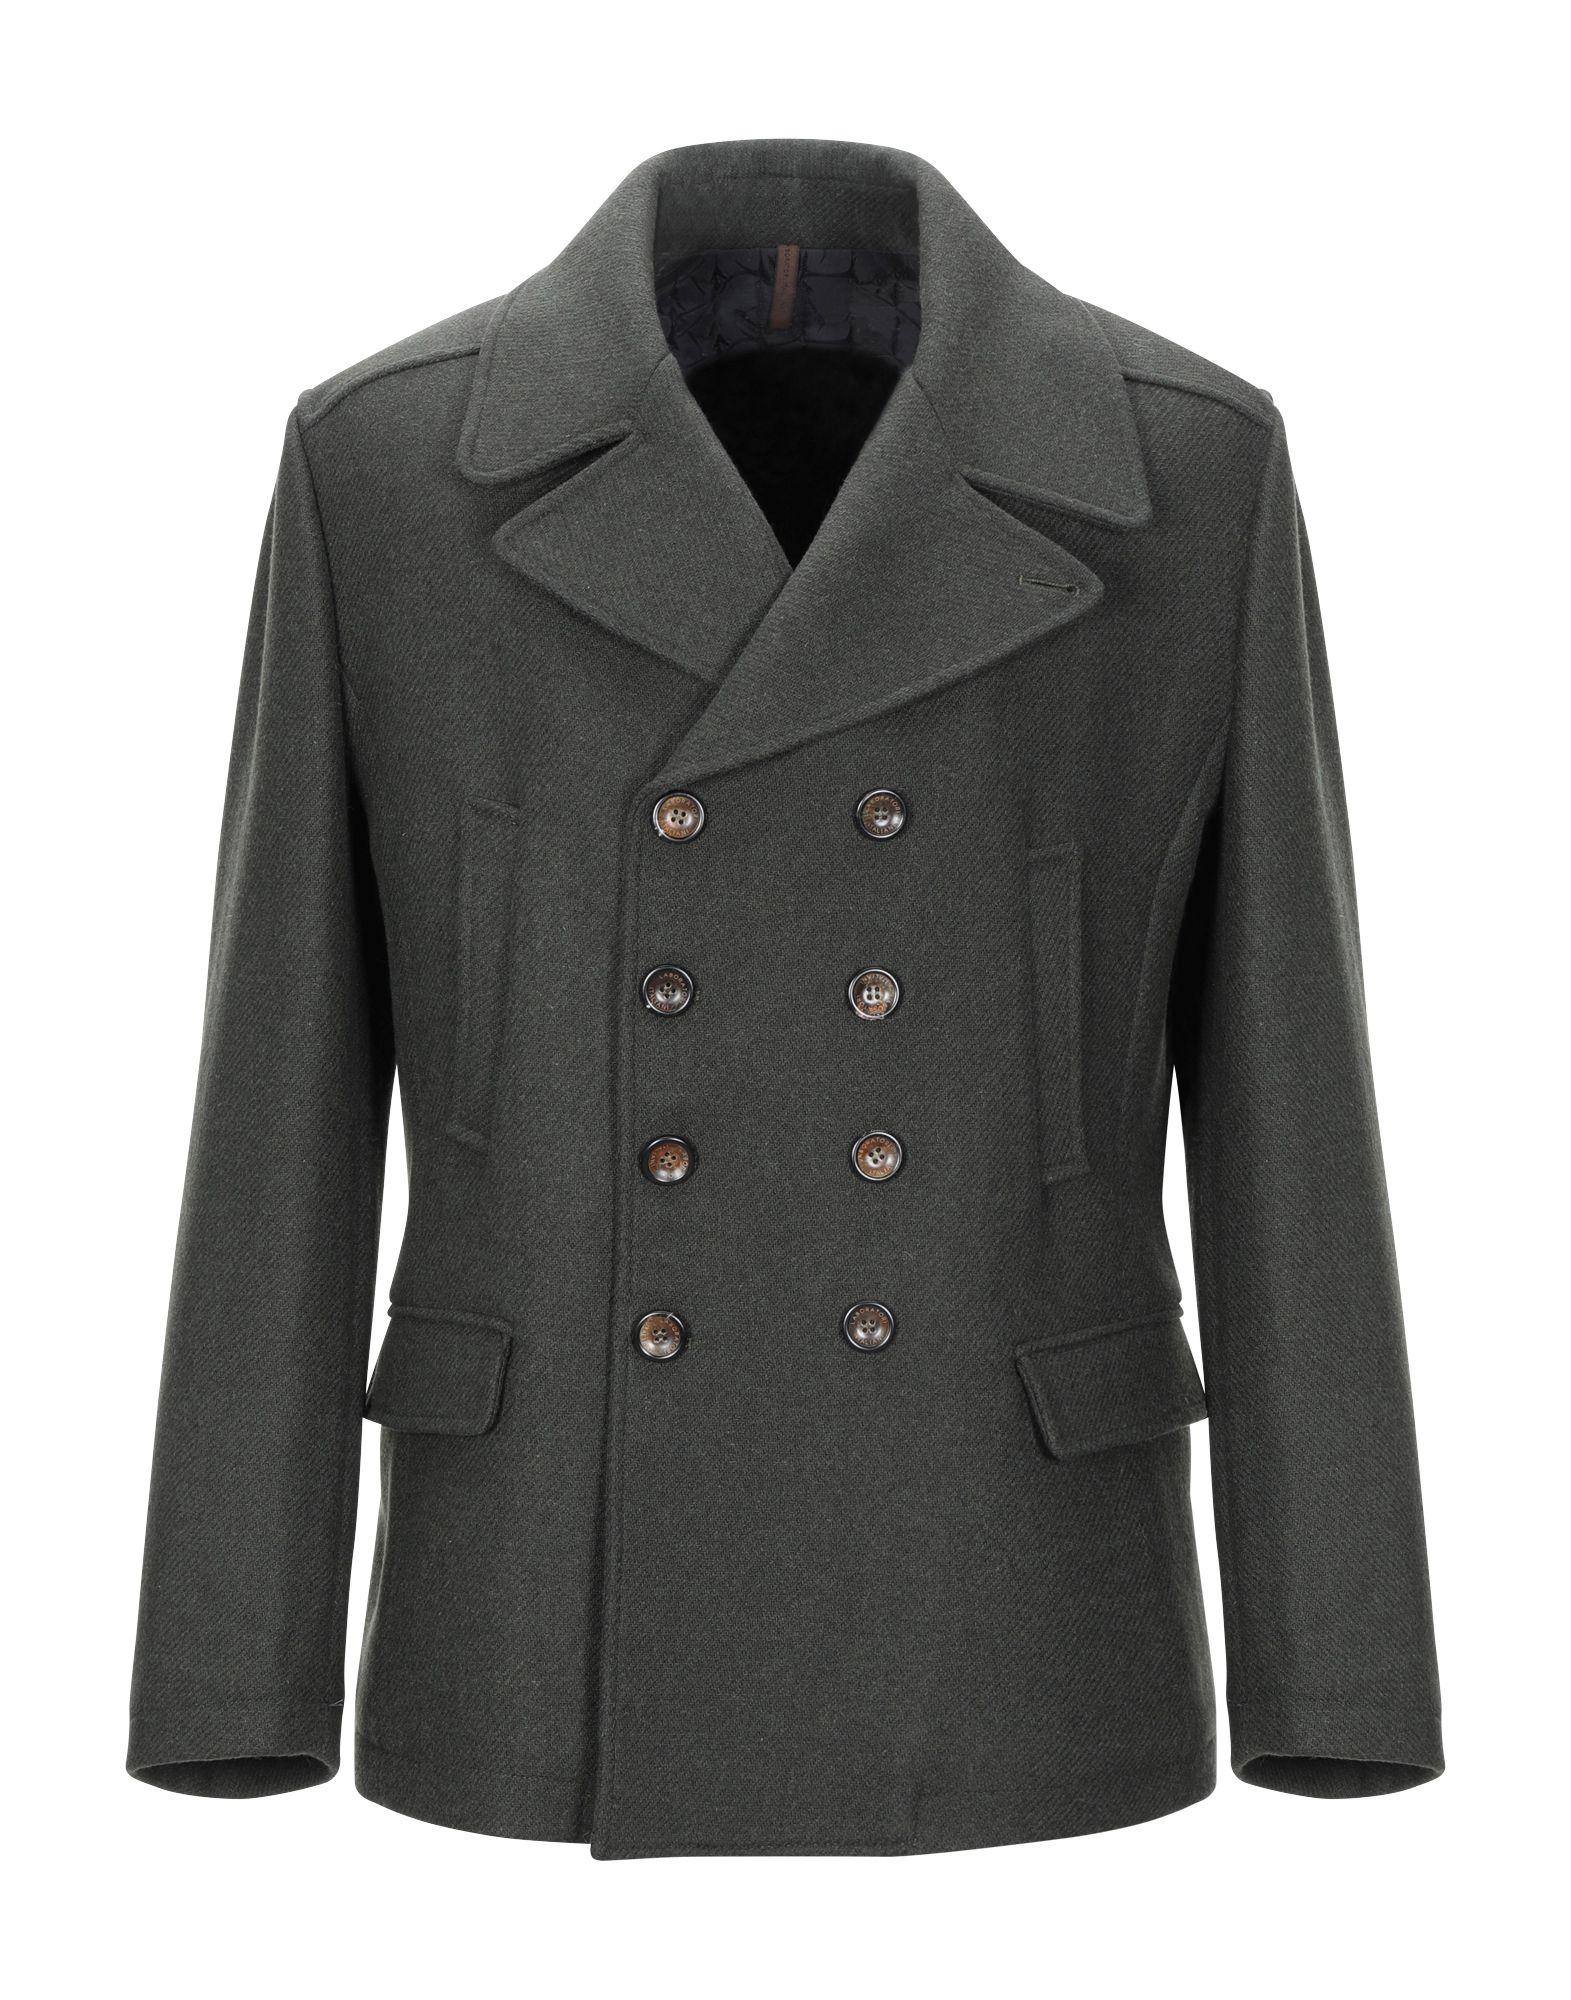 《期間限定セール中》LABORATORI ITALIANI メンズ コート グリーン 56 ウール 65% / ポリエステル 30% / 指定外繊維 5%